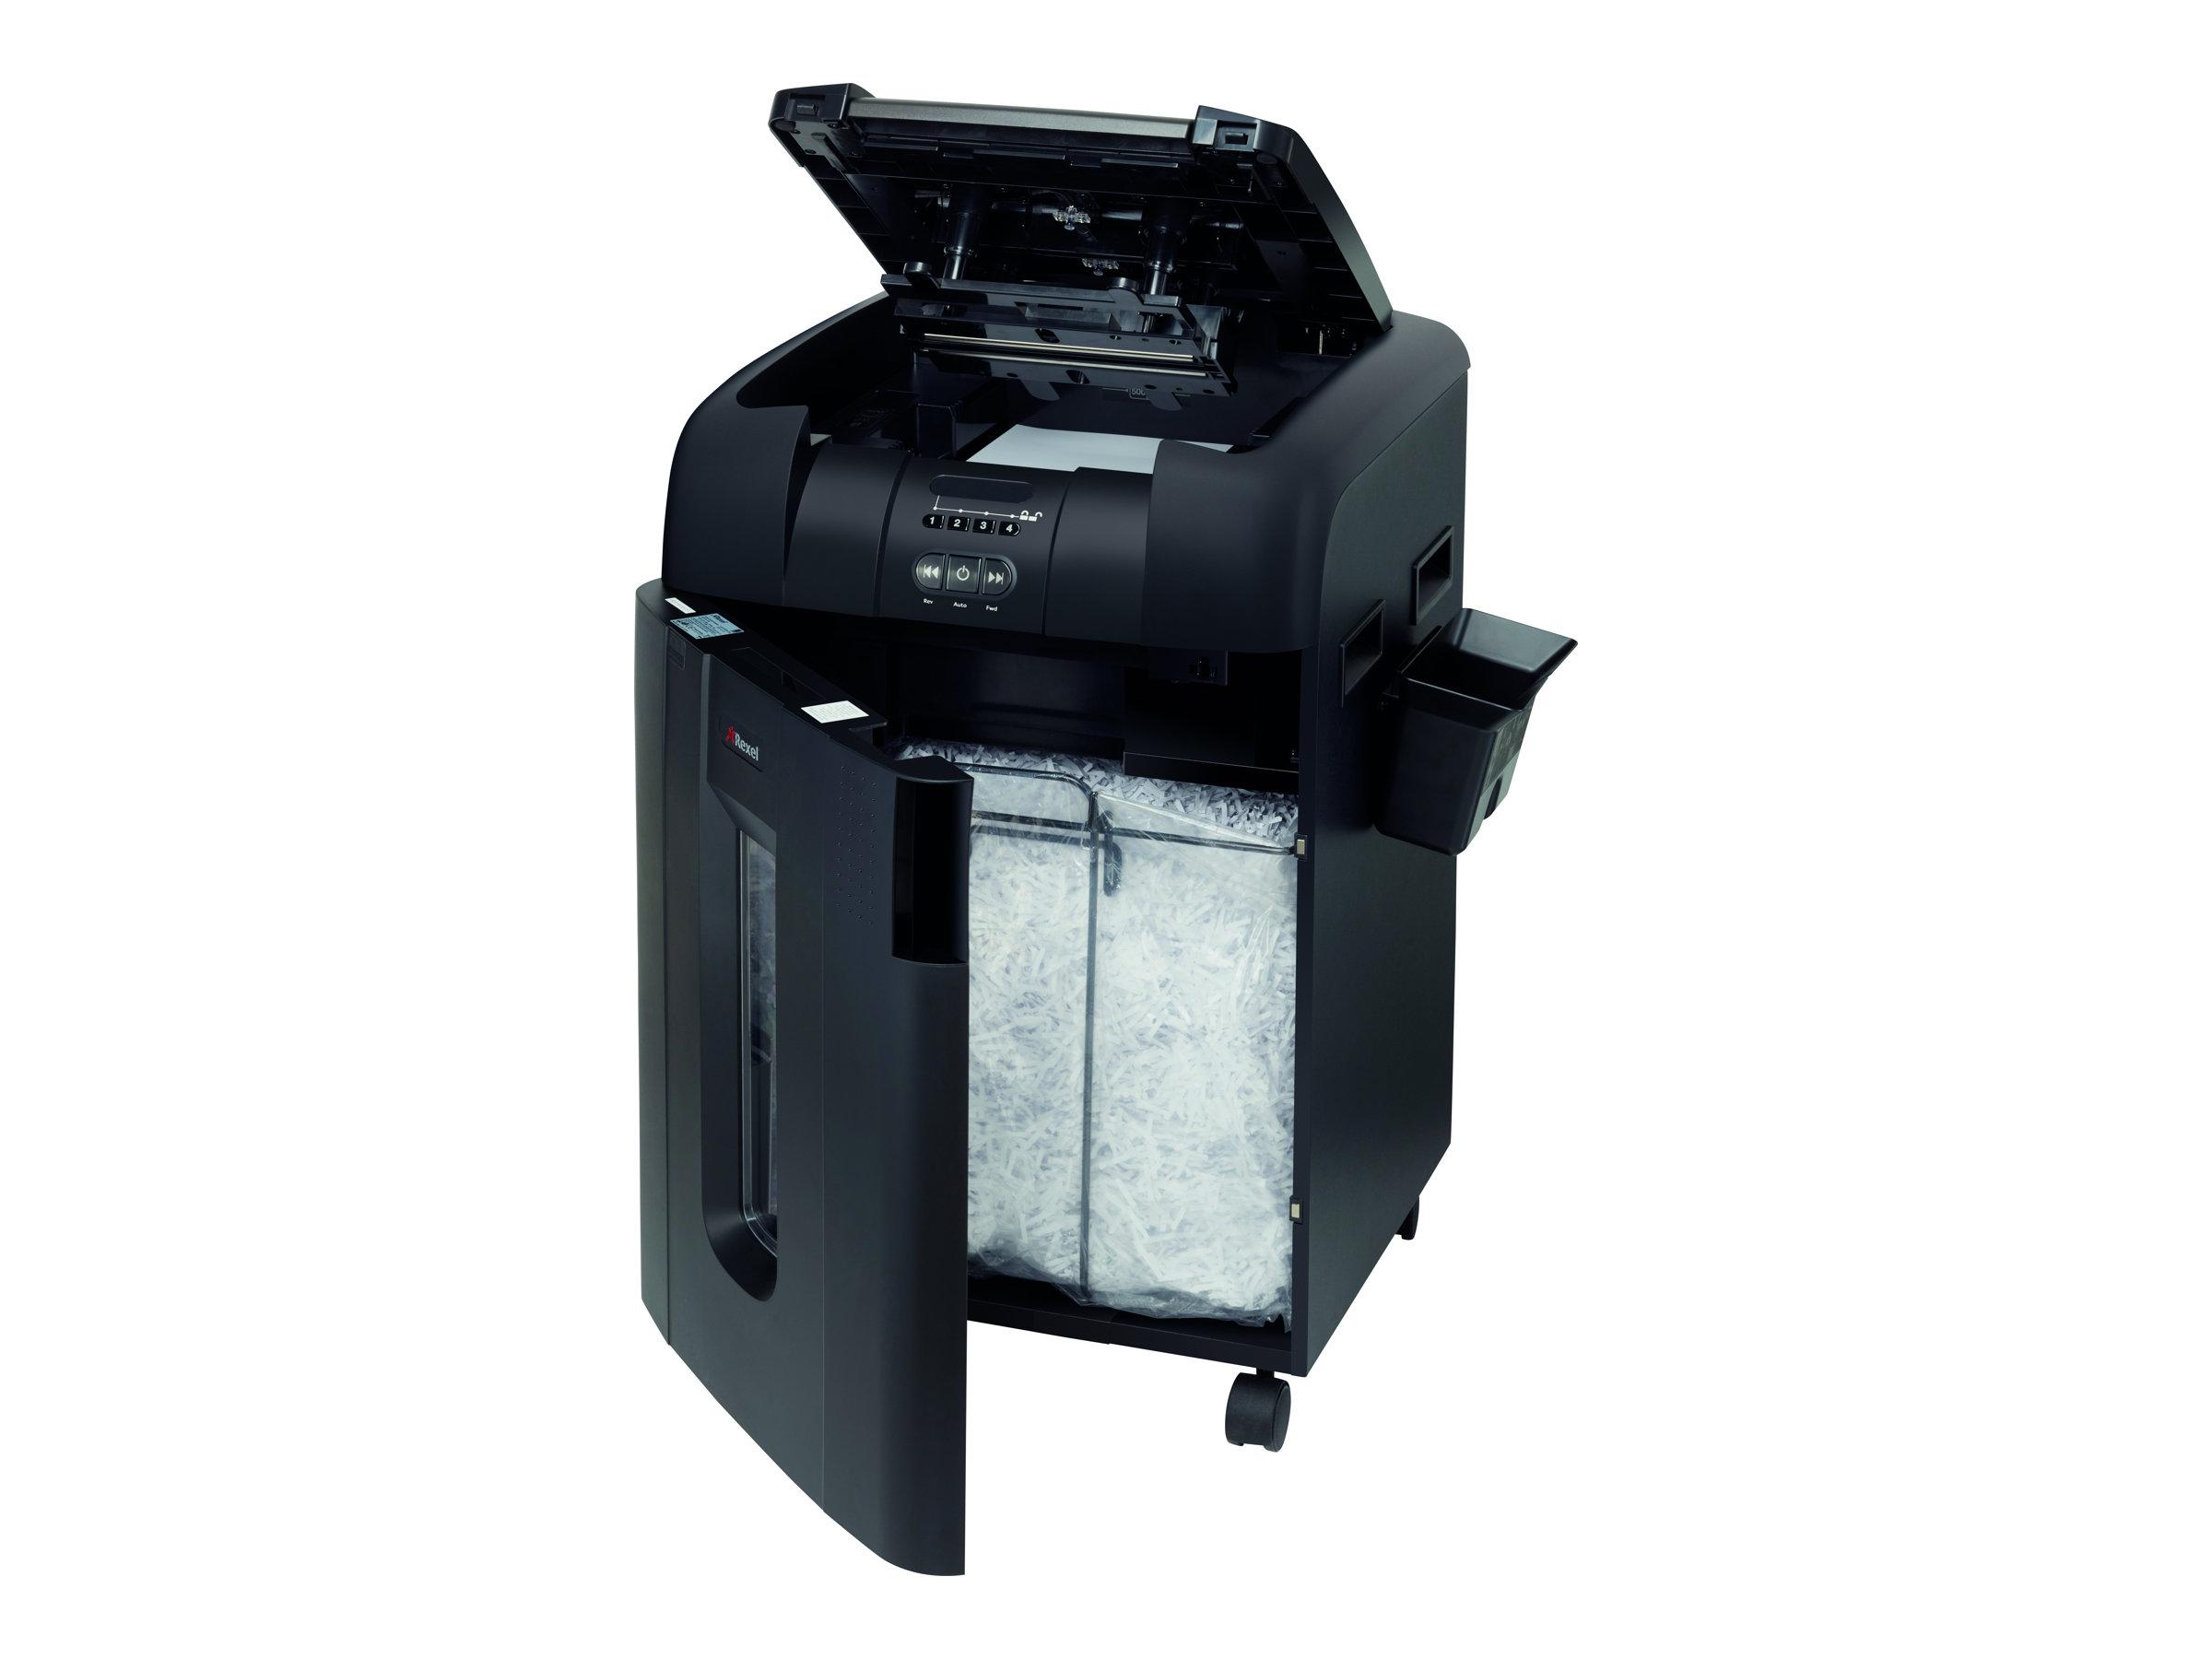 Rexel Auto+ 600X - Vorzerkleinerer - Partikelschnitt - 4 x 40 mm - P-4